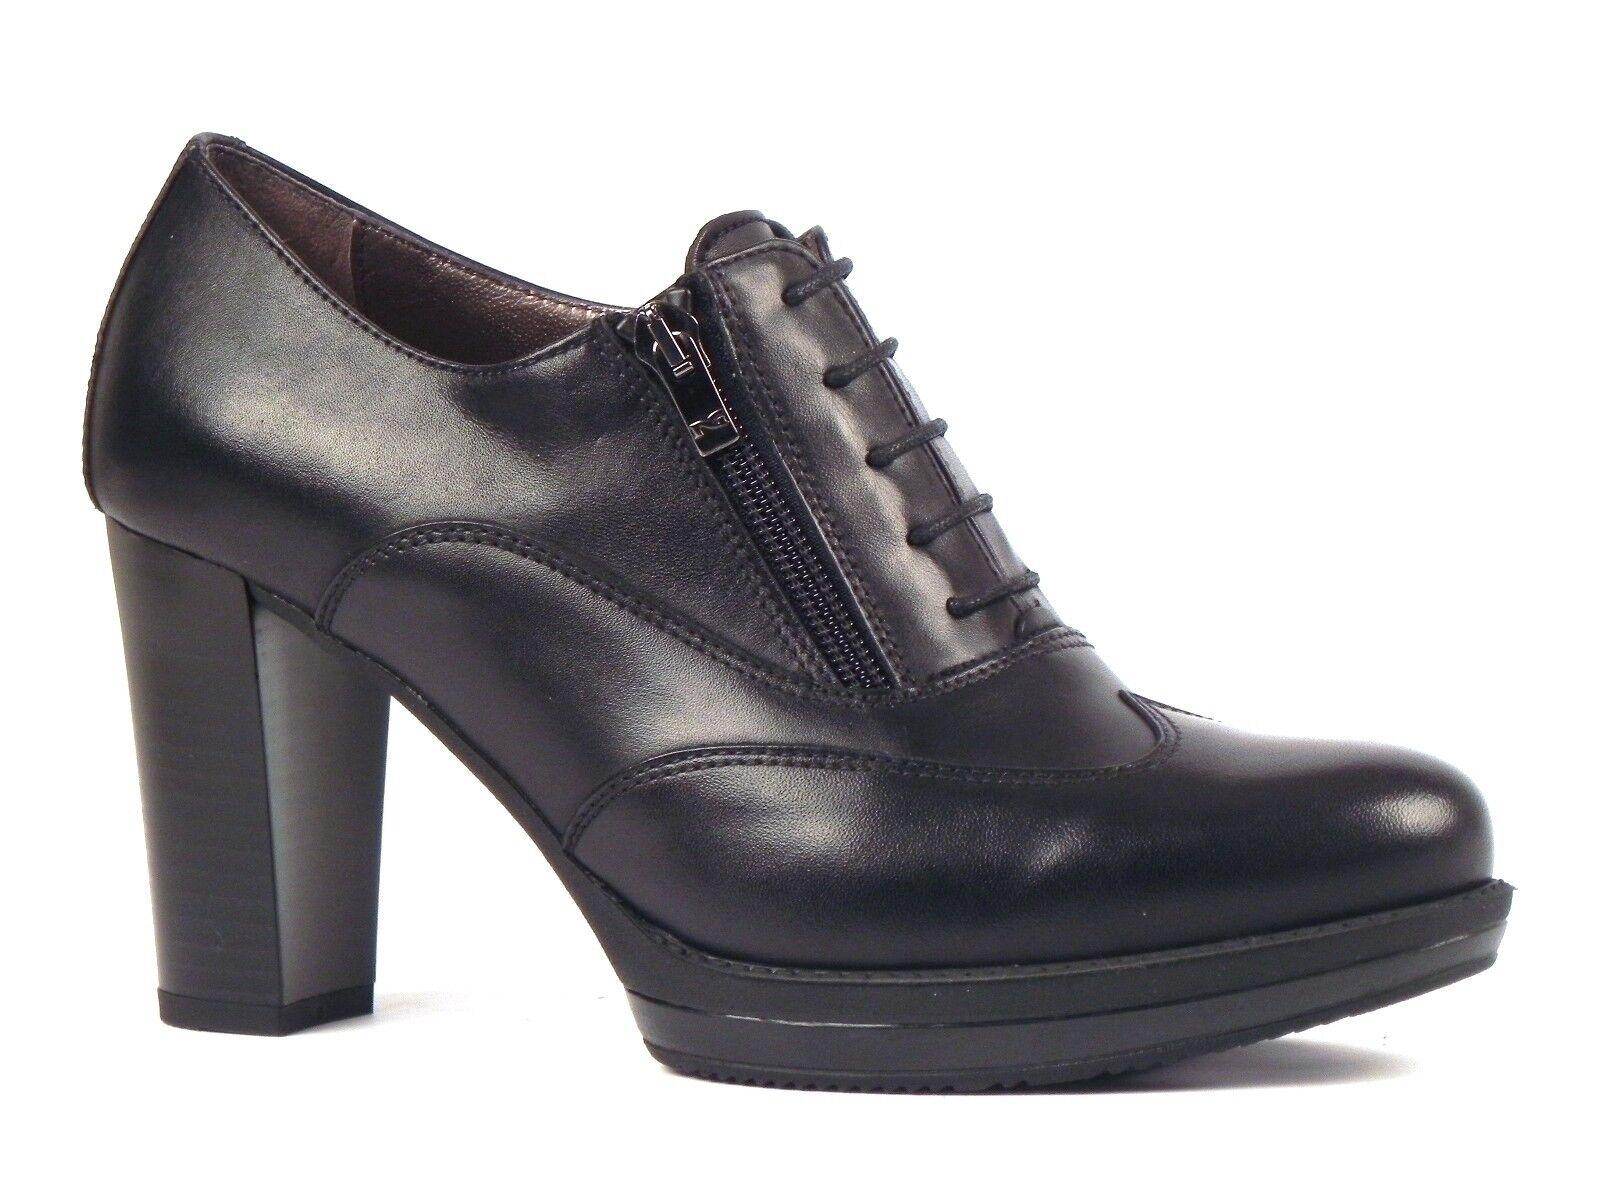 zapatos mujer negro GIARDINI INVERNO A616400D 100  TRONCHETTI negro